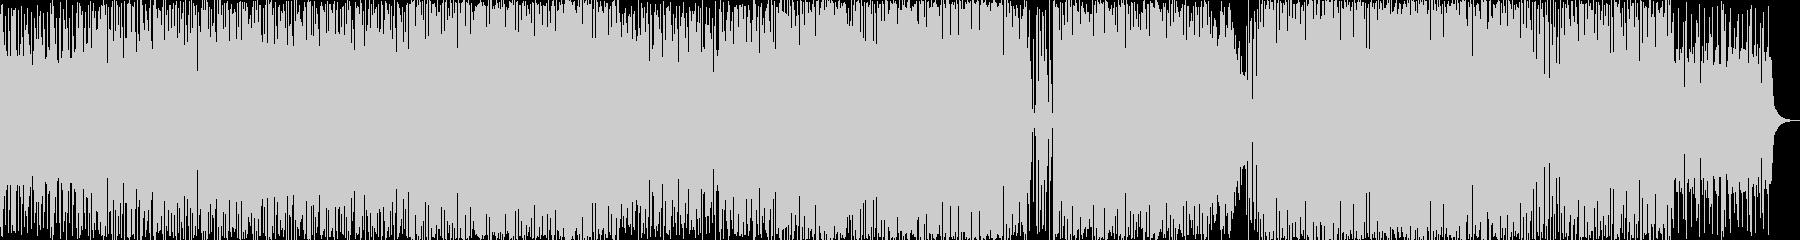 グルーヴ反復ジャズとソロマリンバ。の未再生の波形